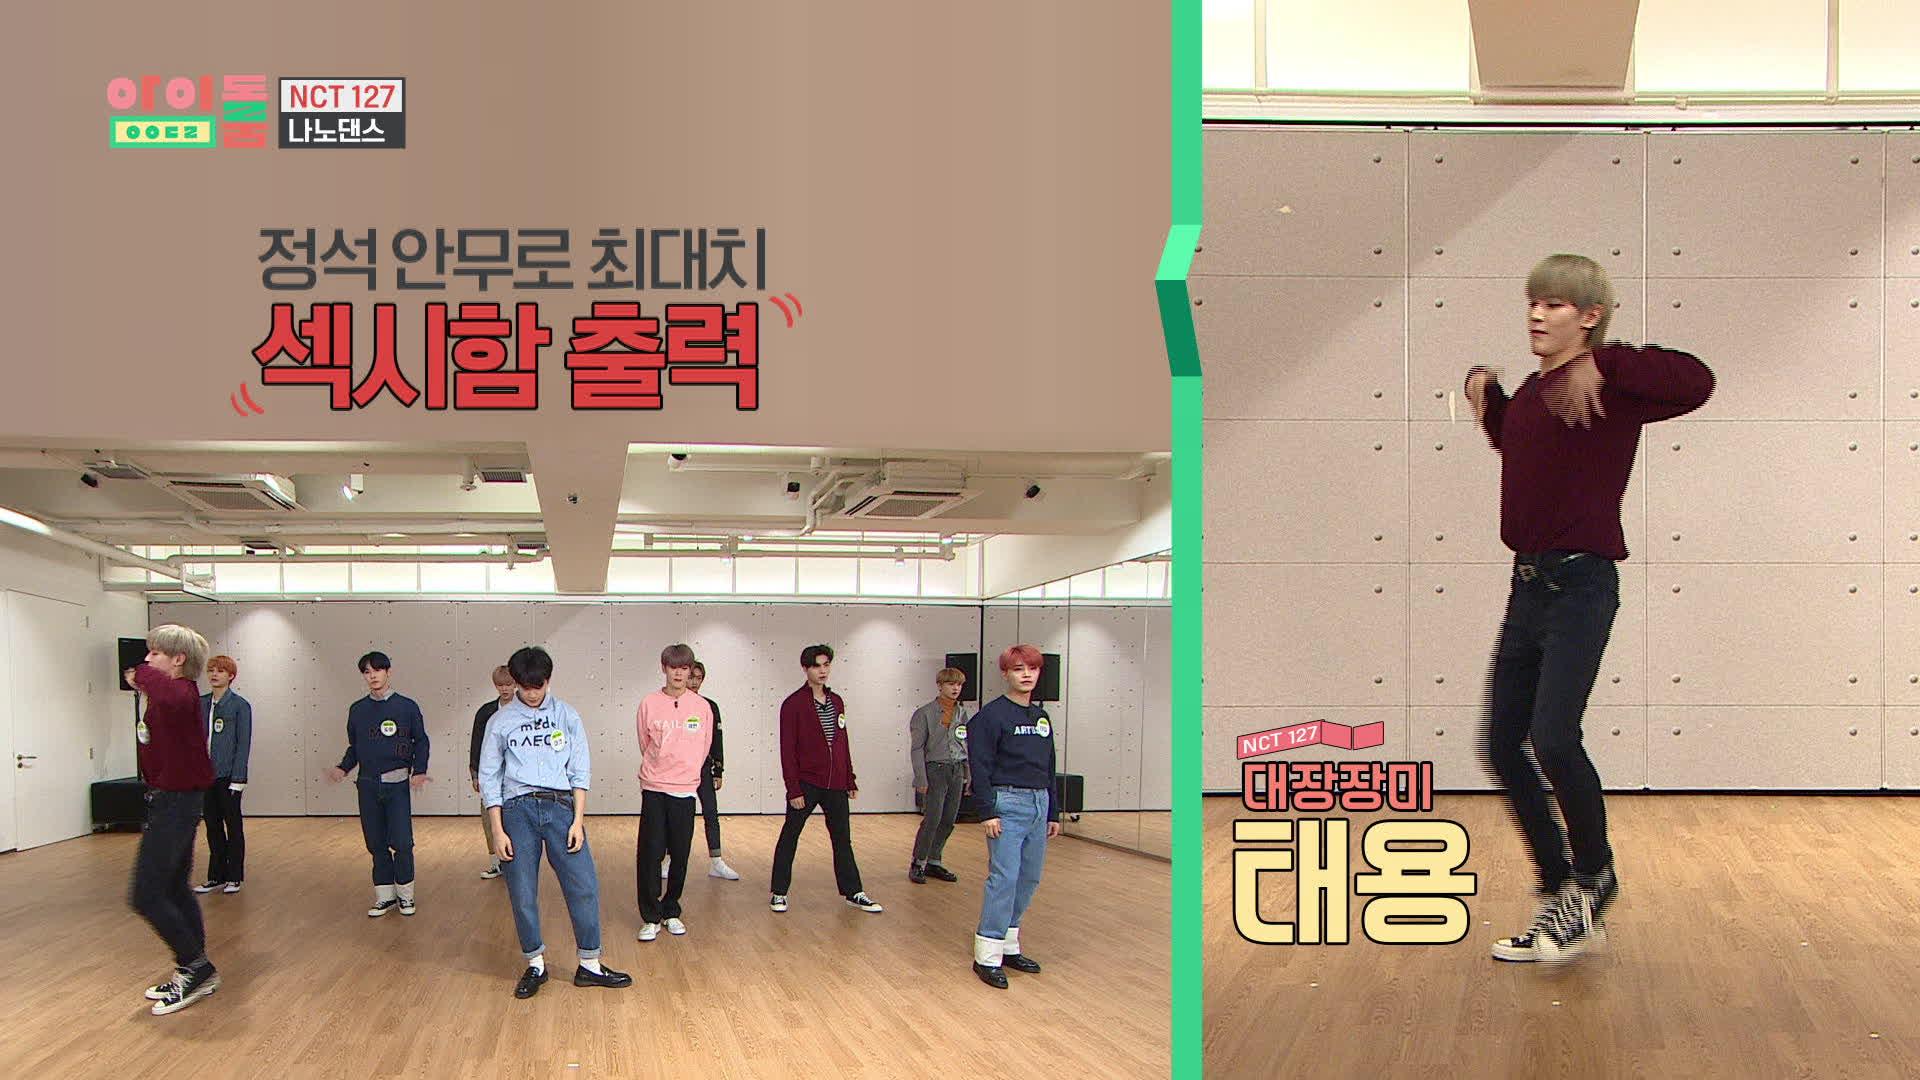 아이돌룸(IDOL ROOM) 23회 - NCT 127 첫 정규 앨범 신곡 'Regular' 나노댄스♬